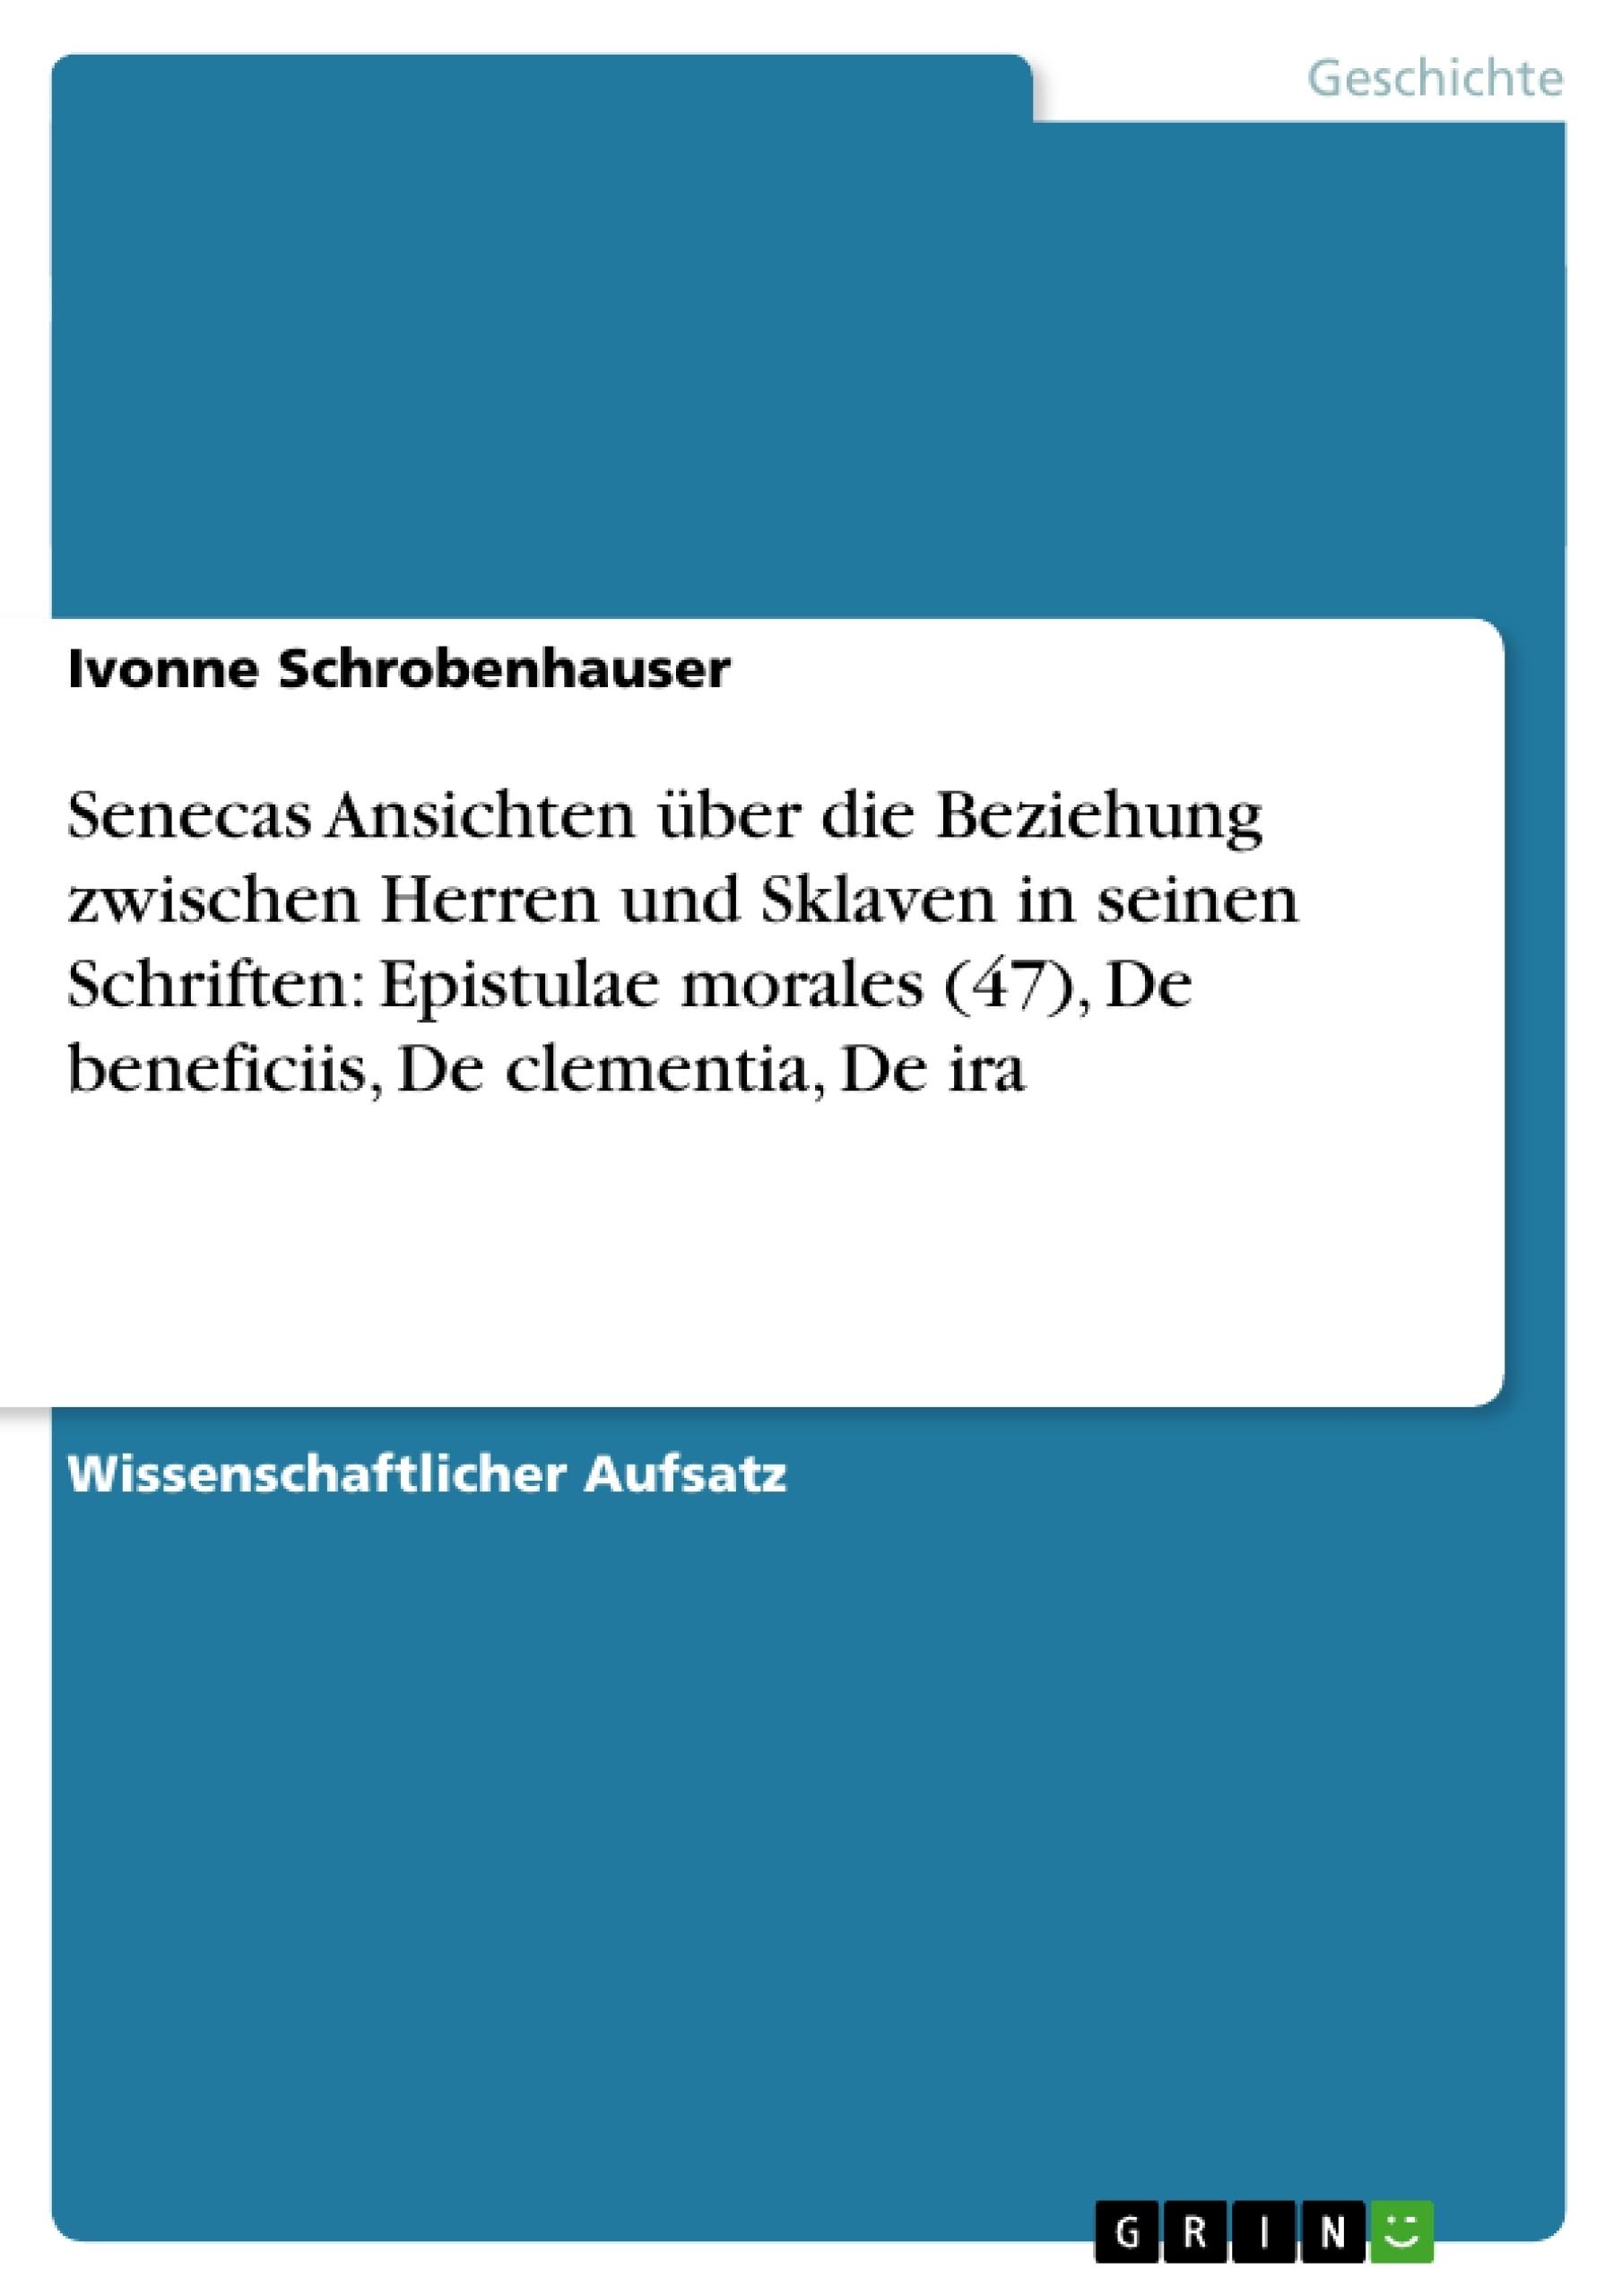 Titel: Senecas Ansichten über die Beziehung zwischen Herren und Sklaven in seinen Schriften: Epistulae morales (47), De beneficiis, De clementia, De ira